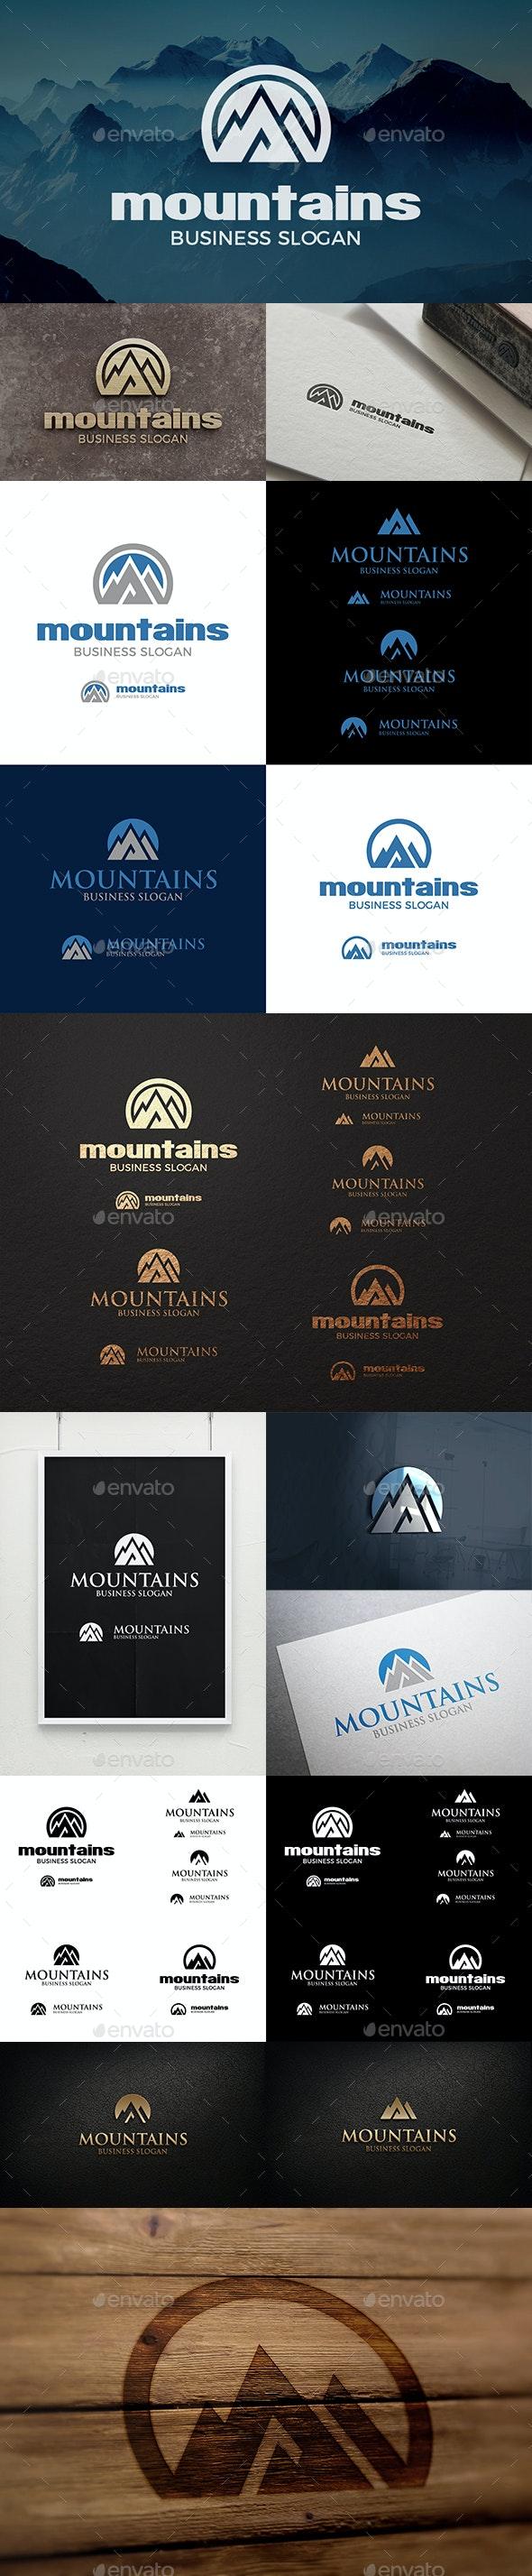 Mountain Logo - Mountains Peak Logo Templates - Nature Logo Templates